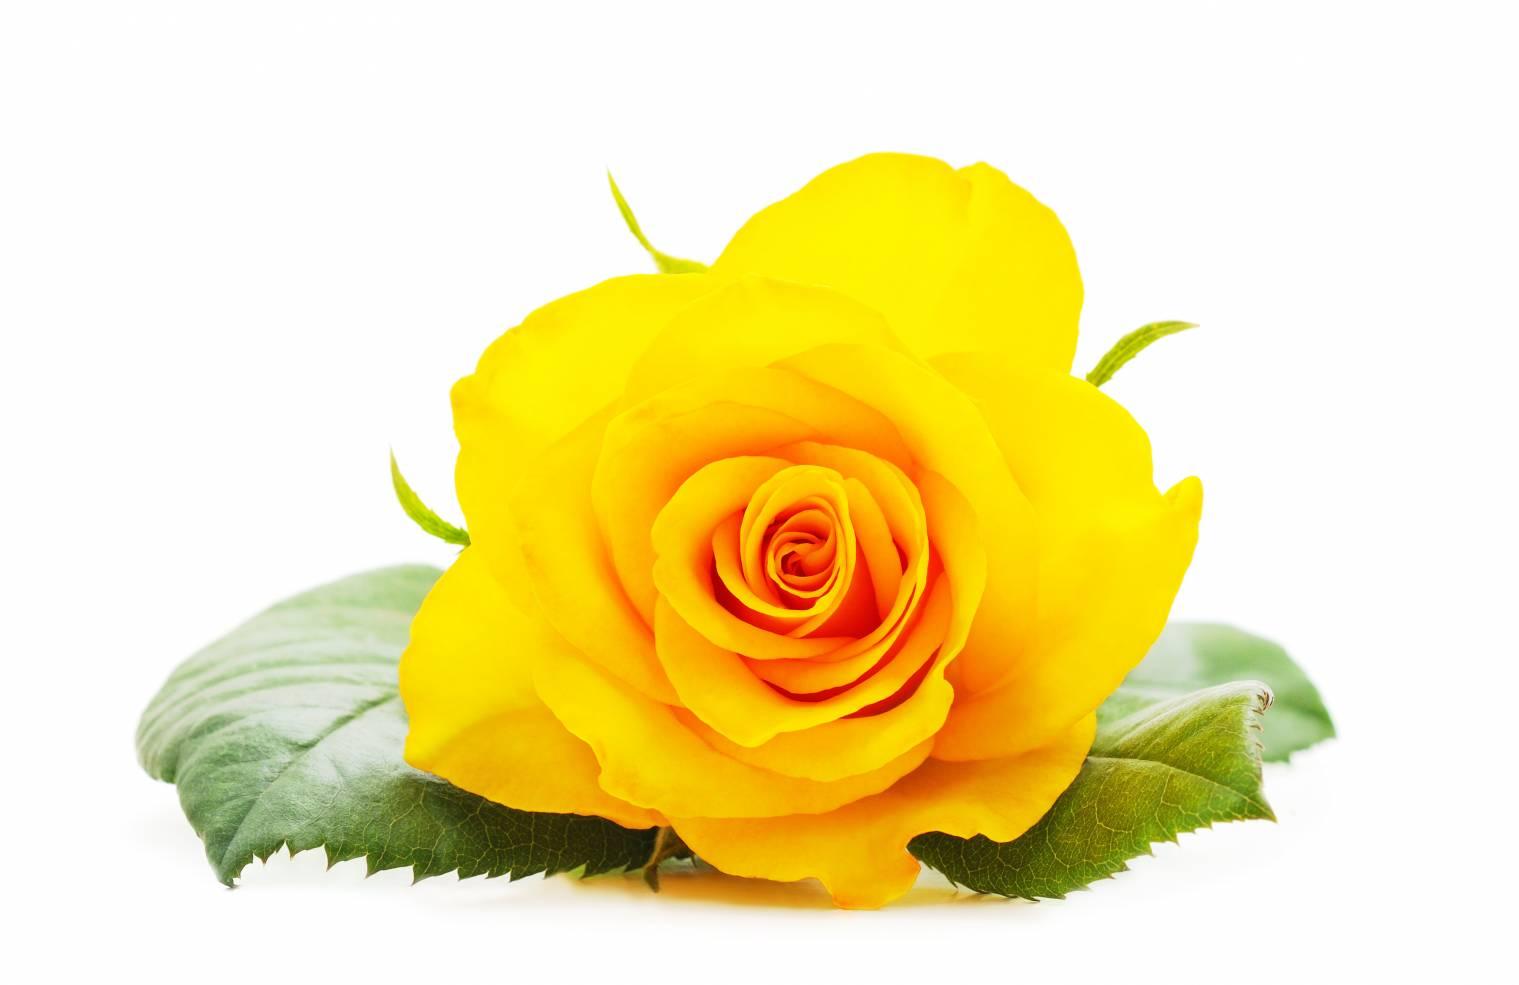 Rose jaune : Signification et symbole | Tout savoir sur les roses jaunes